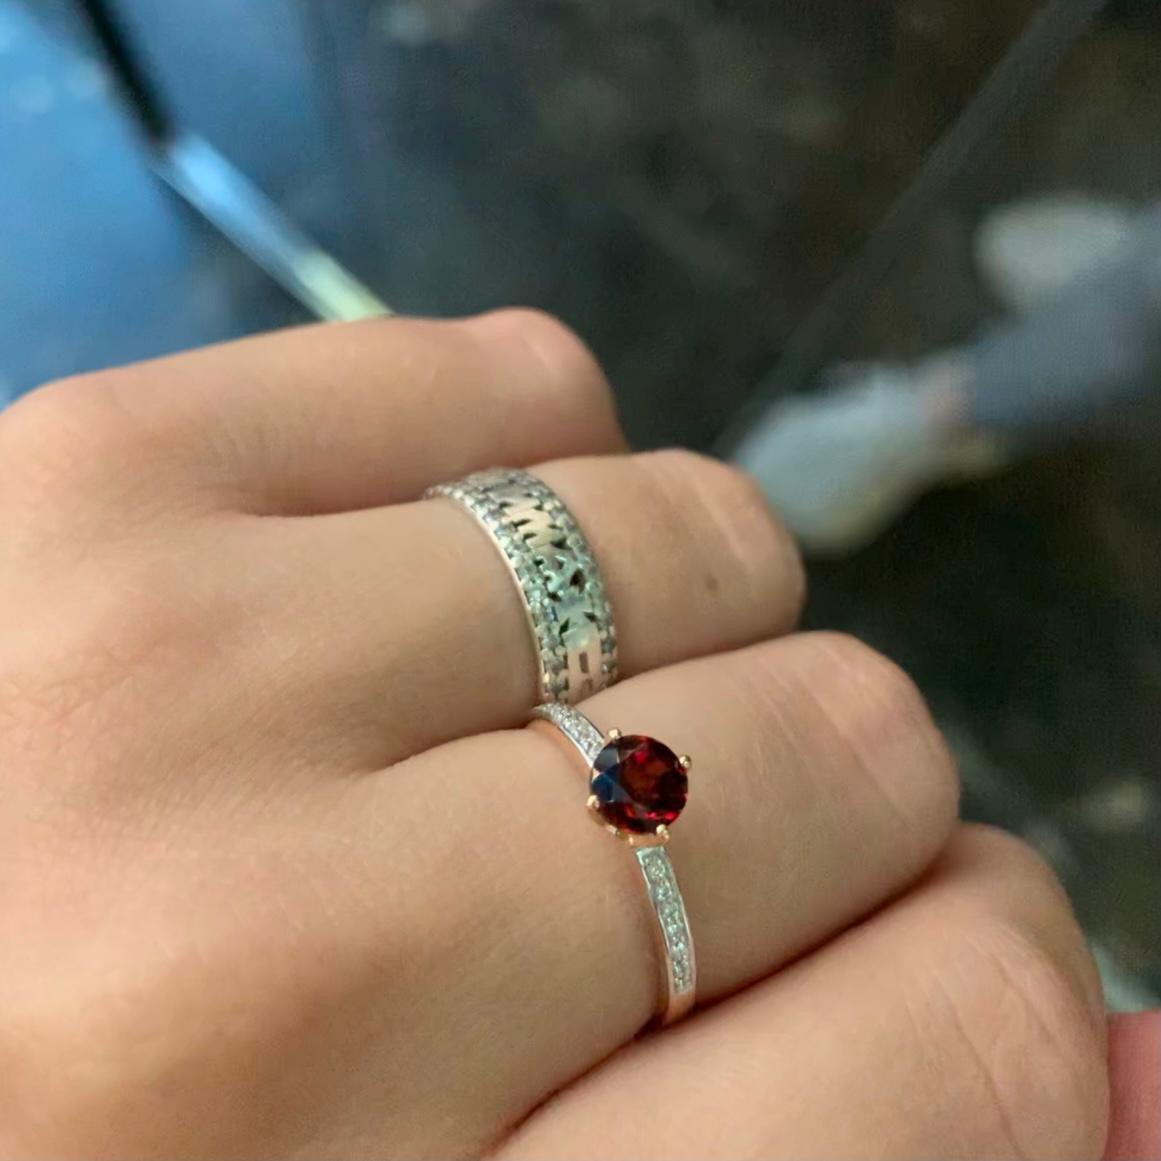 Отличное кольцо за такую хорошую сумму!